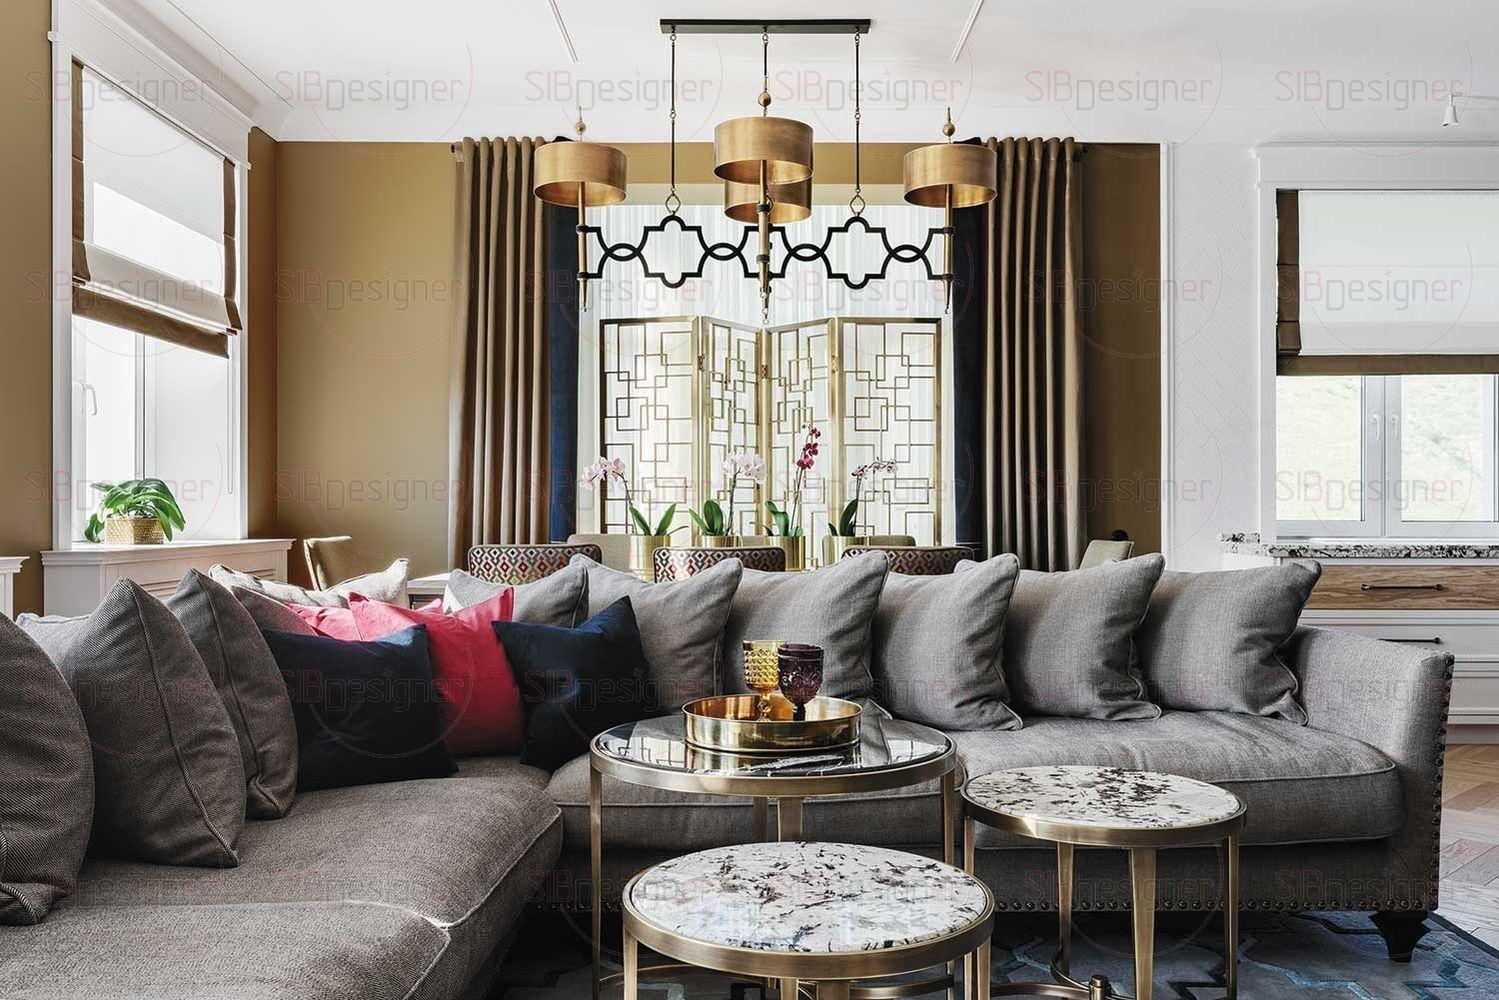 Концепция гостиной, по словам Юлии, получила свое начало с люстры. Ее стиль, форма и материал стали отправной точкой для развития целого интерьерного образа.